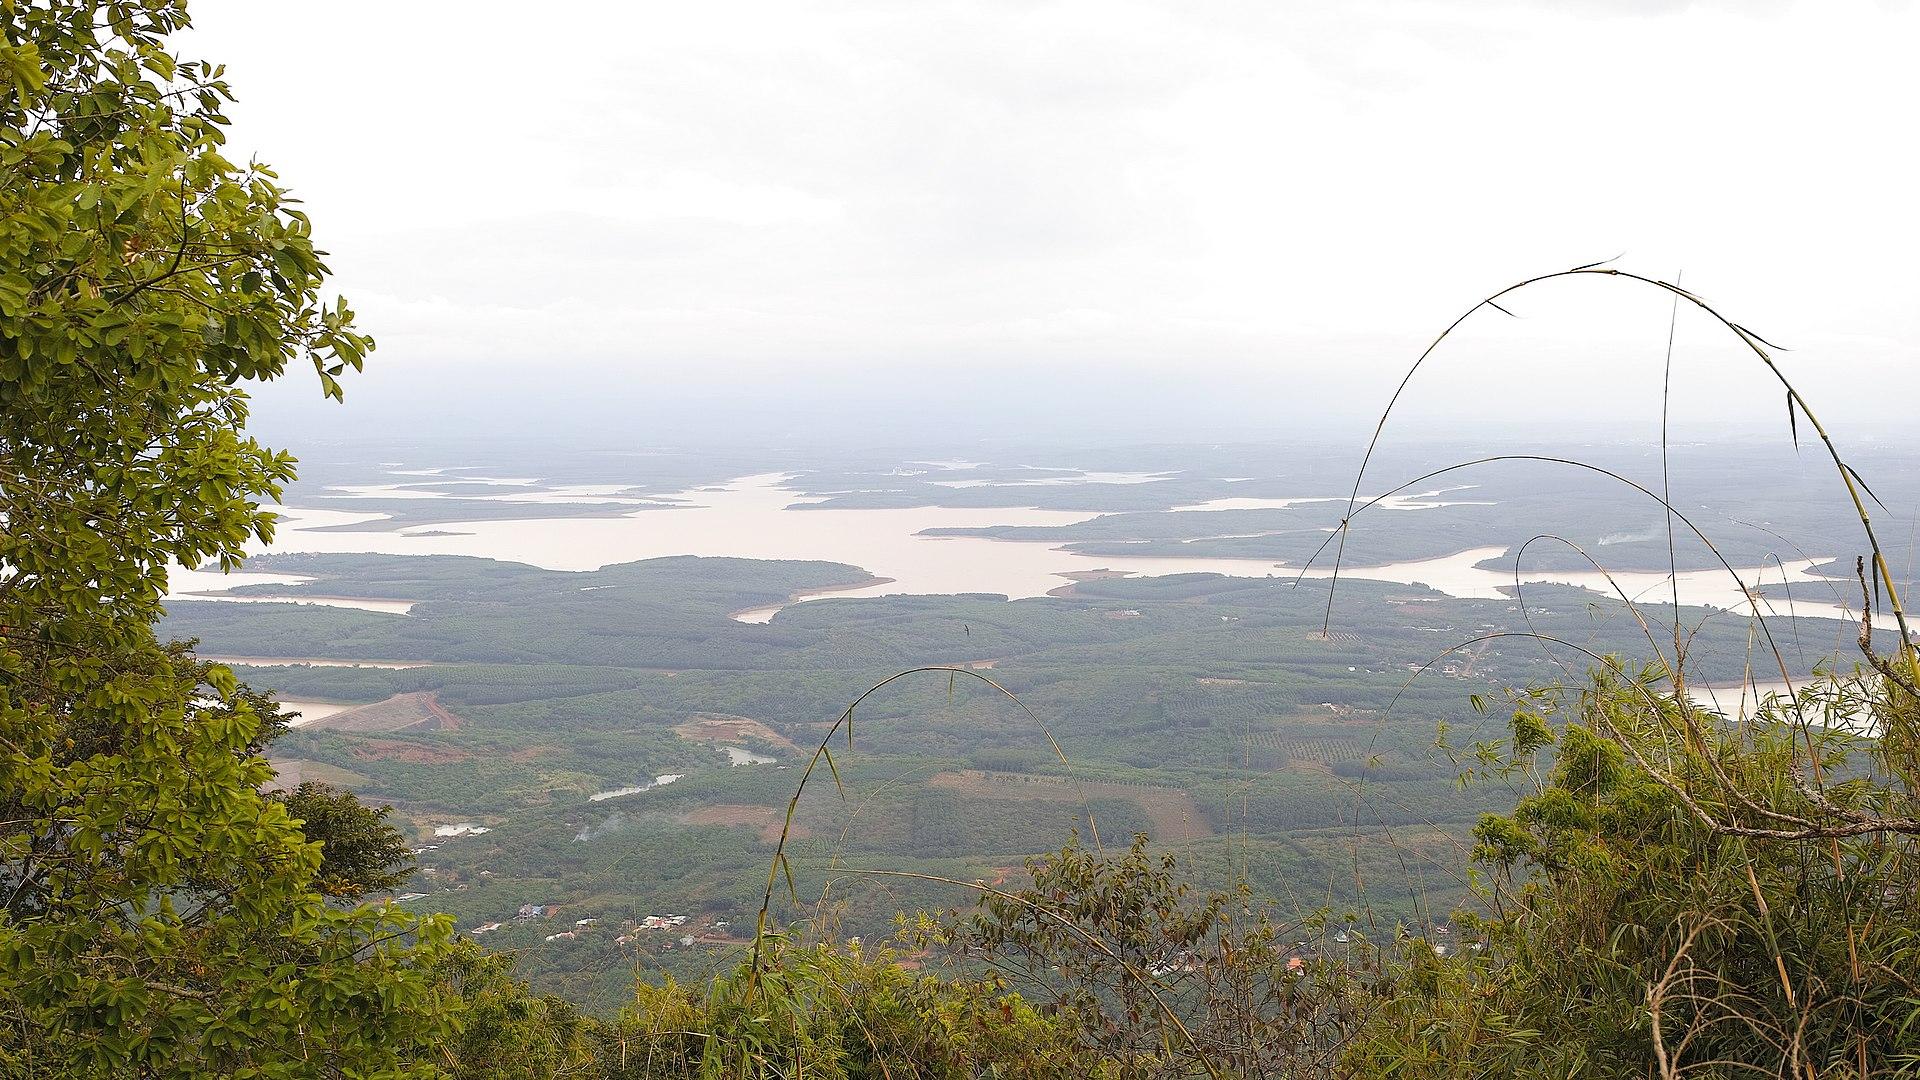 Hồ thủy điện Thác Mơ, Bình Phước. Ảnh Wikipedia